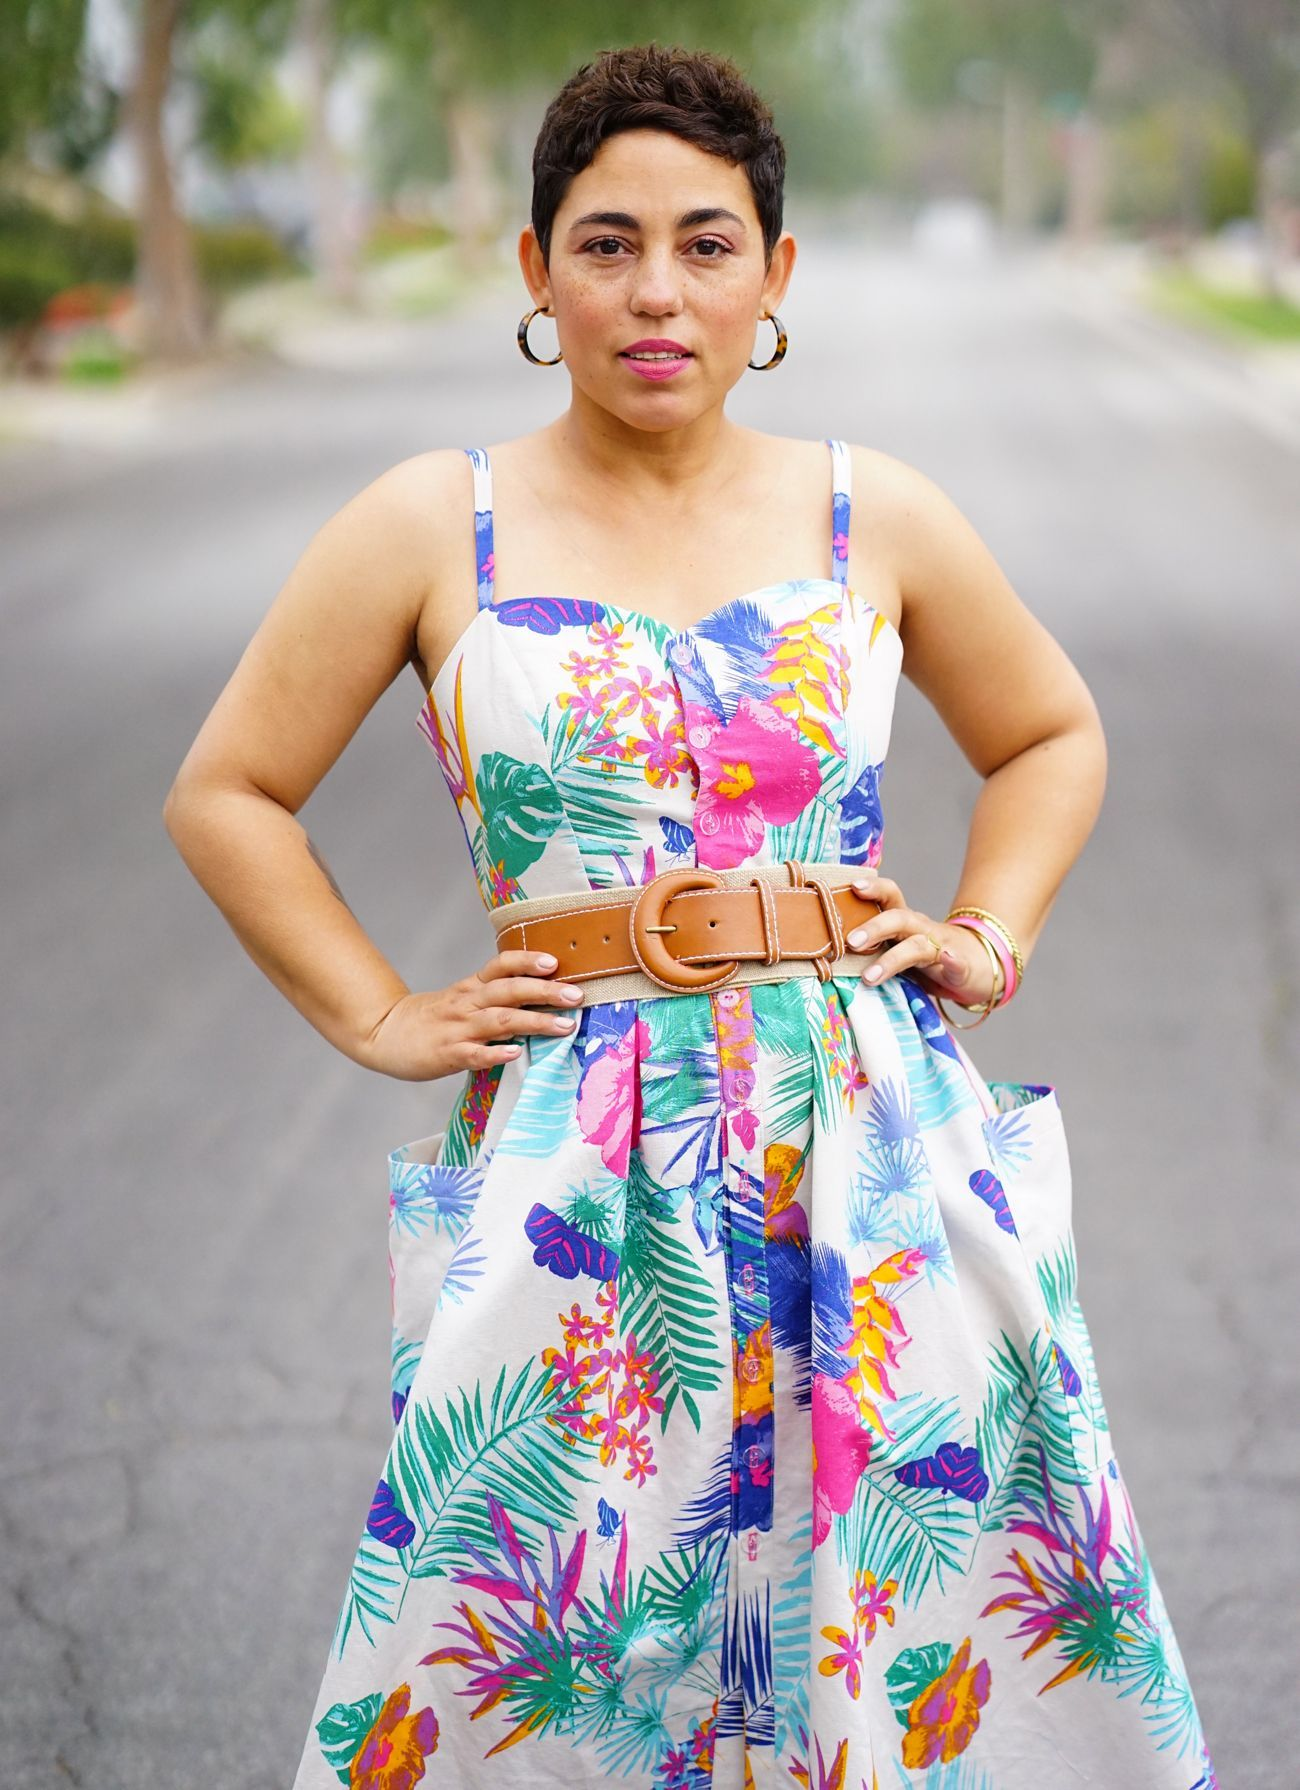 Free Jessica Pattern And Sew Along Mimi G Style Sewing Dresses Sewing Patterns Free Sewing Design